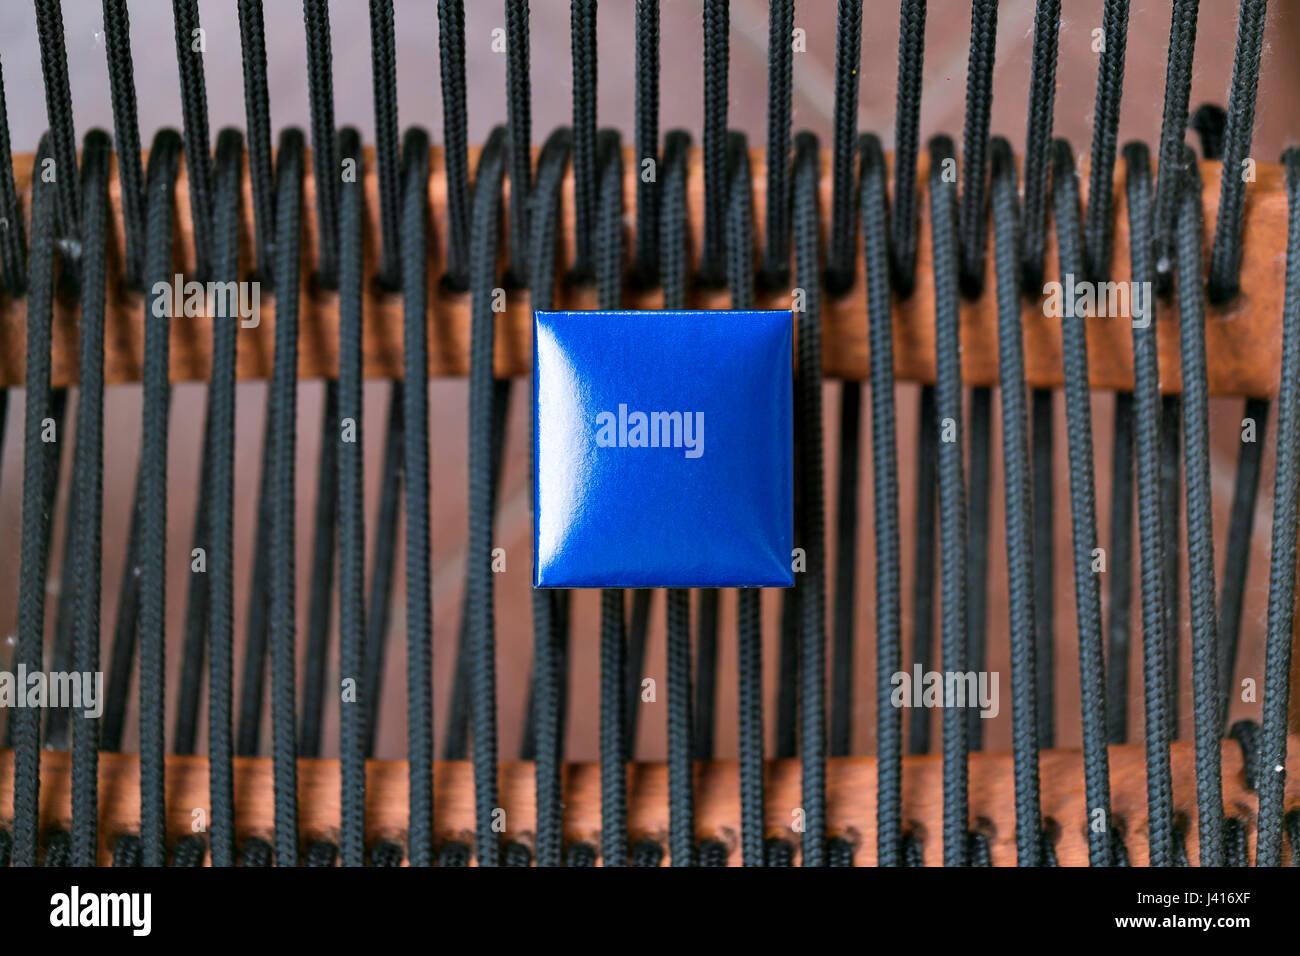 Schmuckschatulle blau geschlossen. Kleine Miniatur Jahrgang für die Aufbewahrung von Schmuck wie Ringe, Halskette Stockfoto